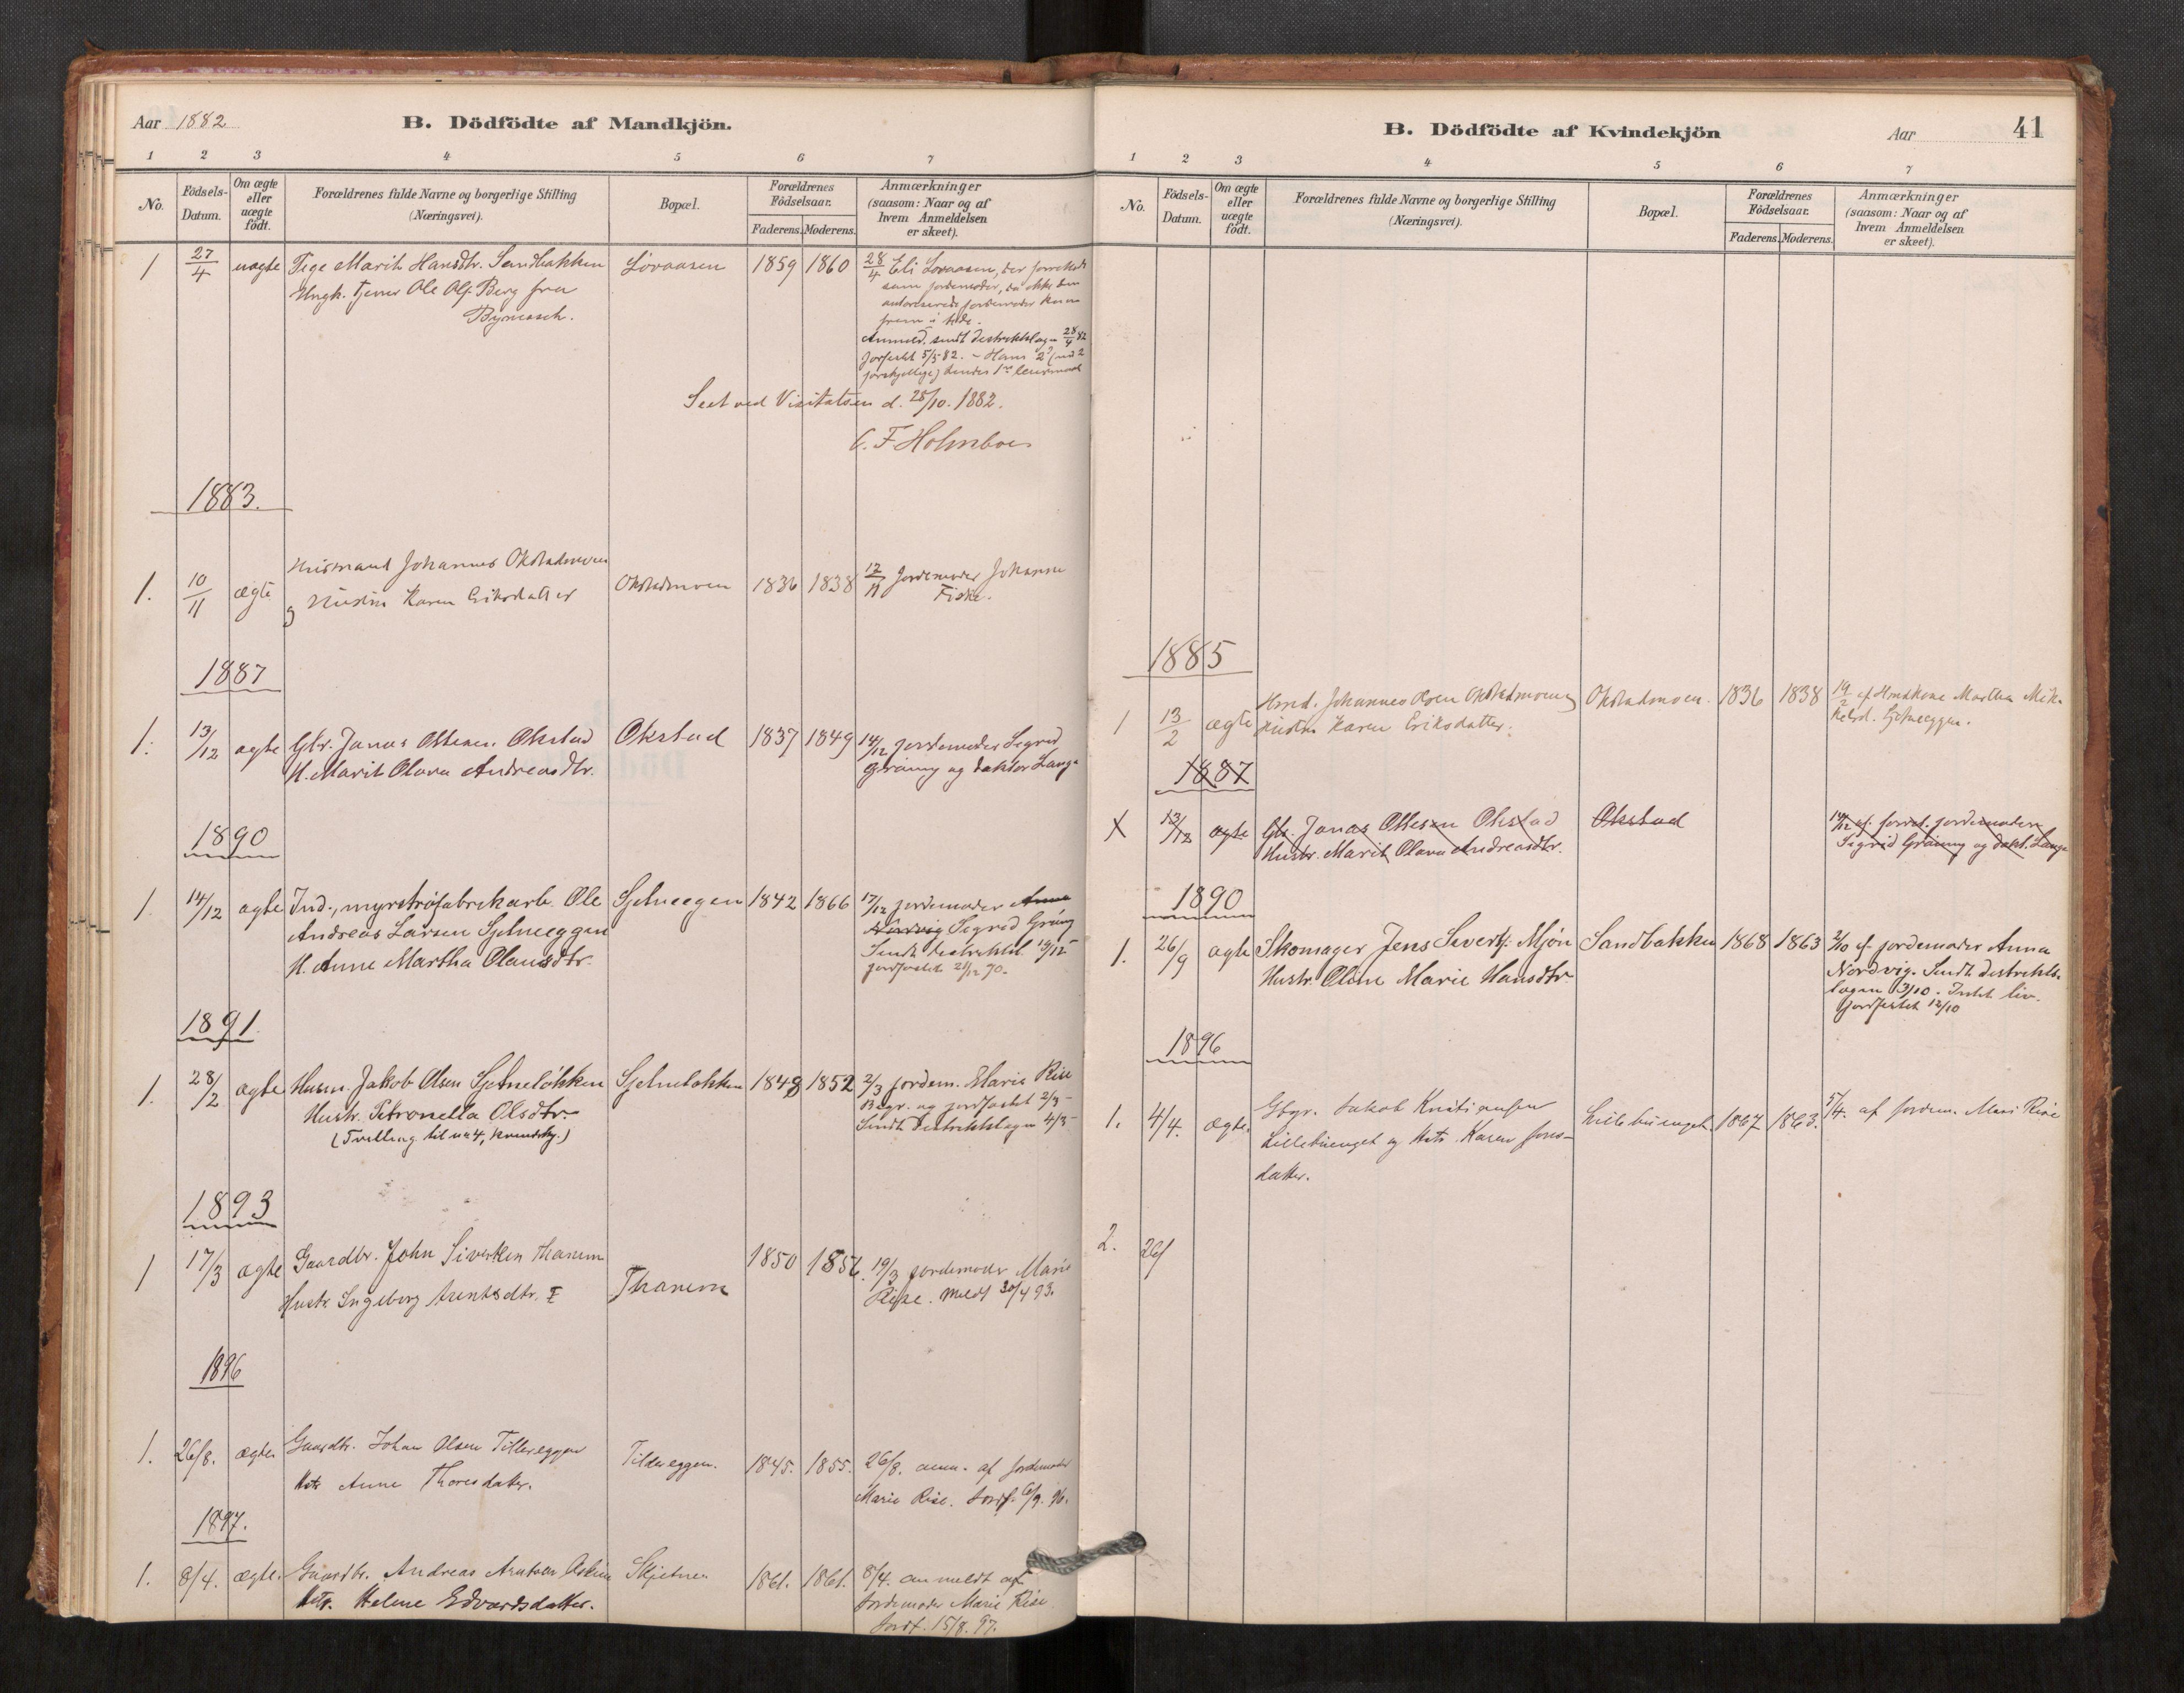 SAT, Klæbu sokneprestkontor, Parish register (official) no. 1, 1880-1900, p. 41